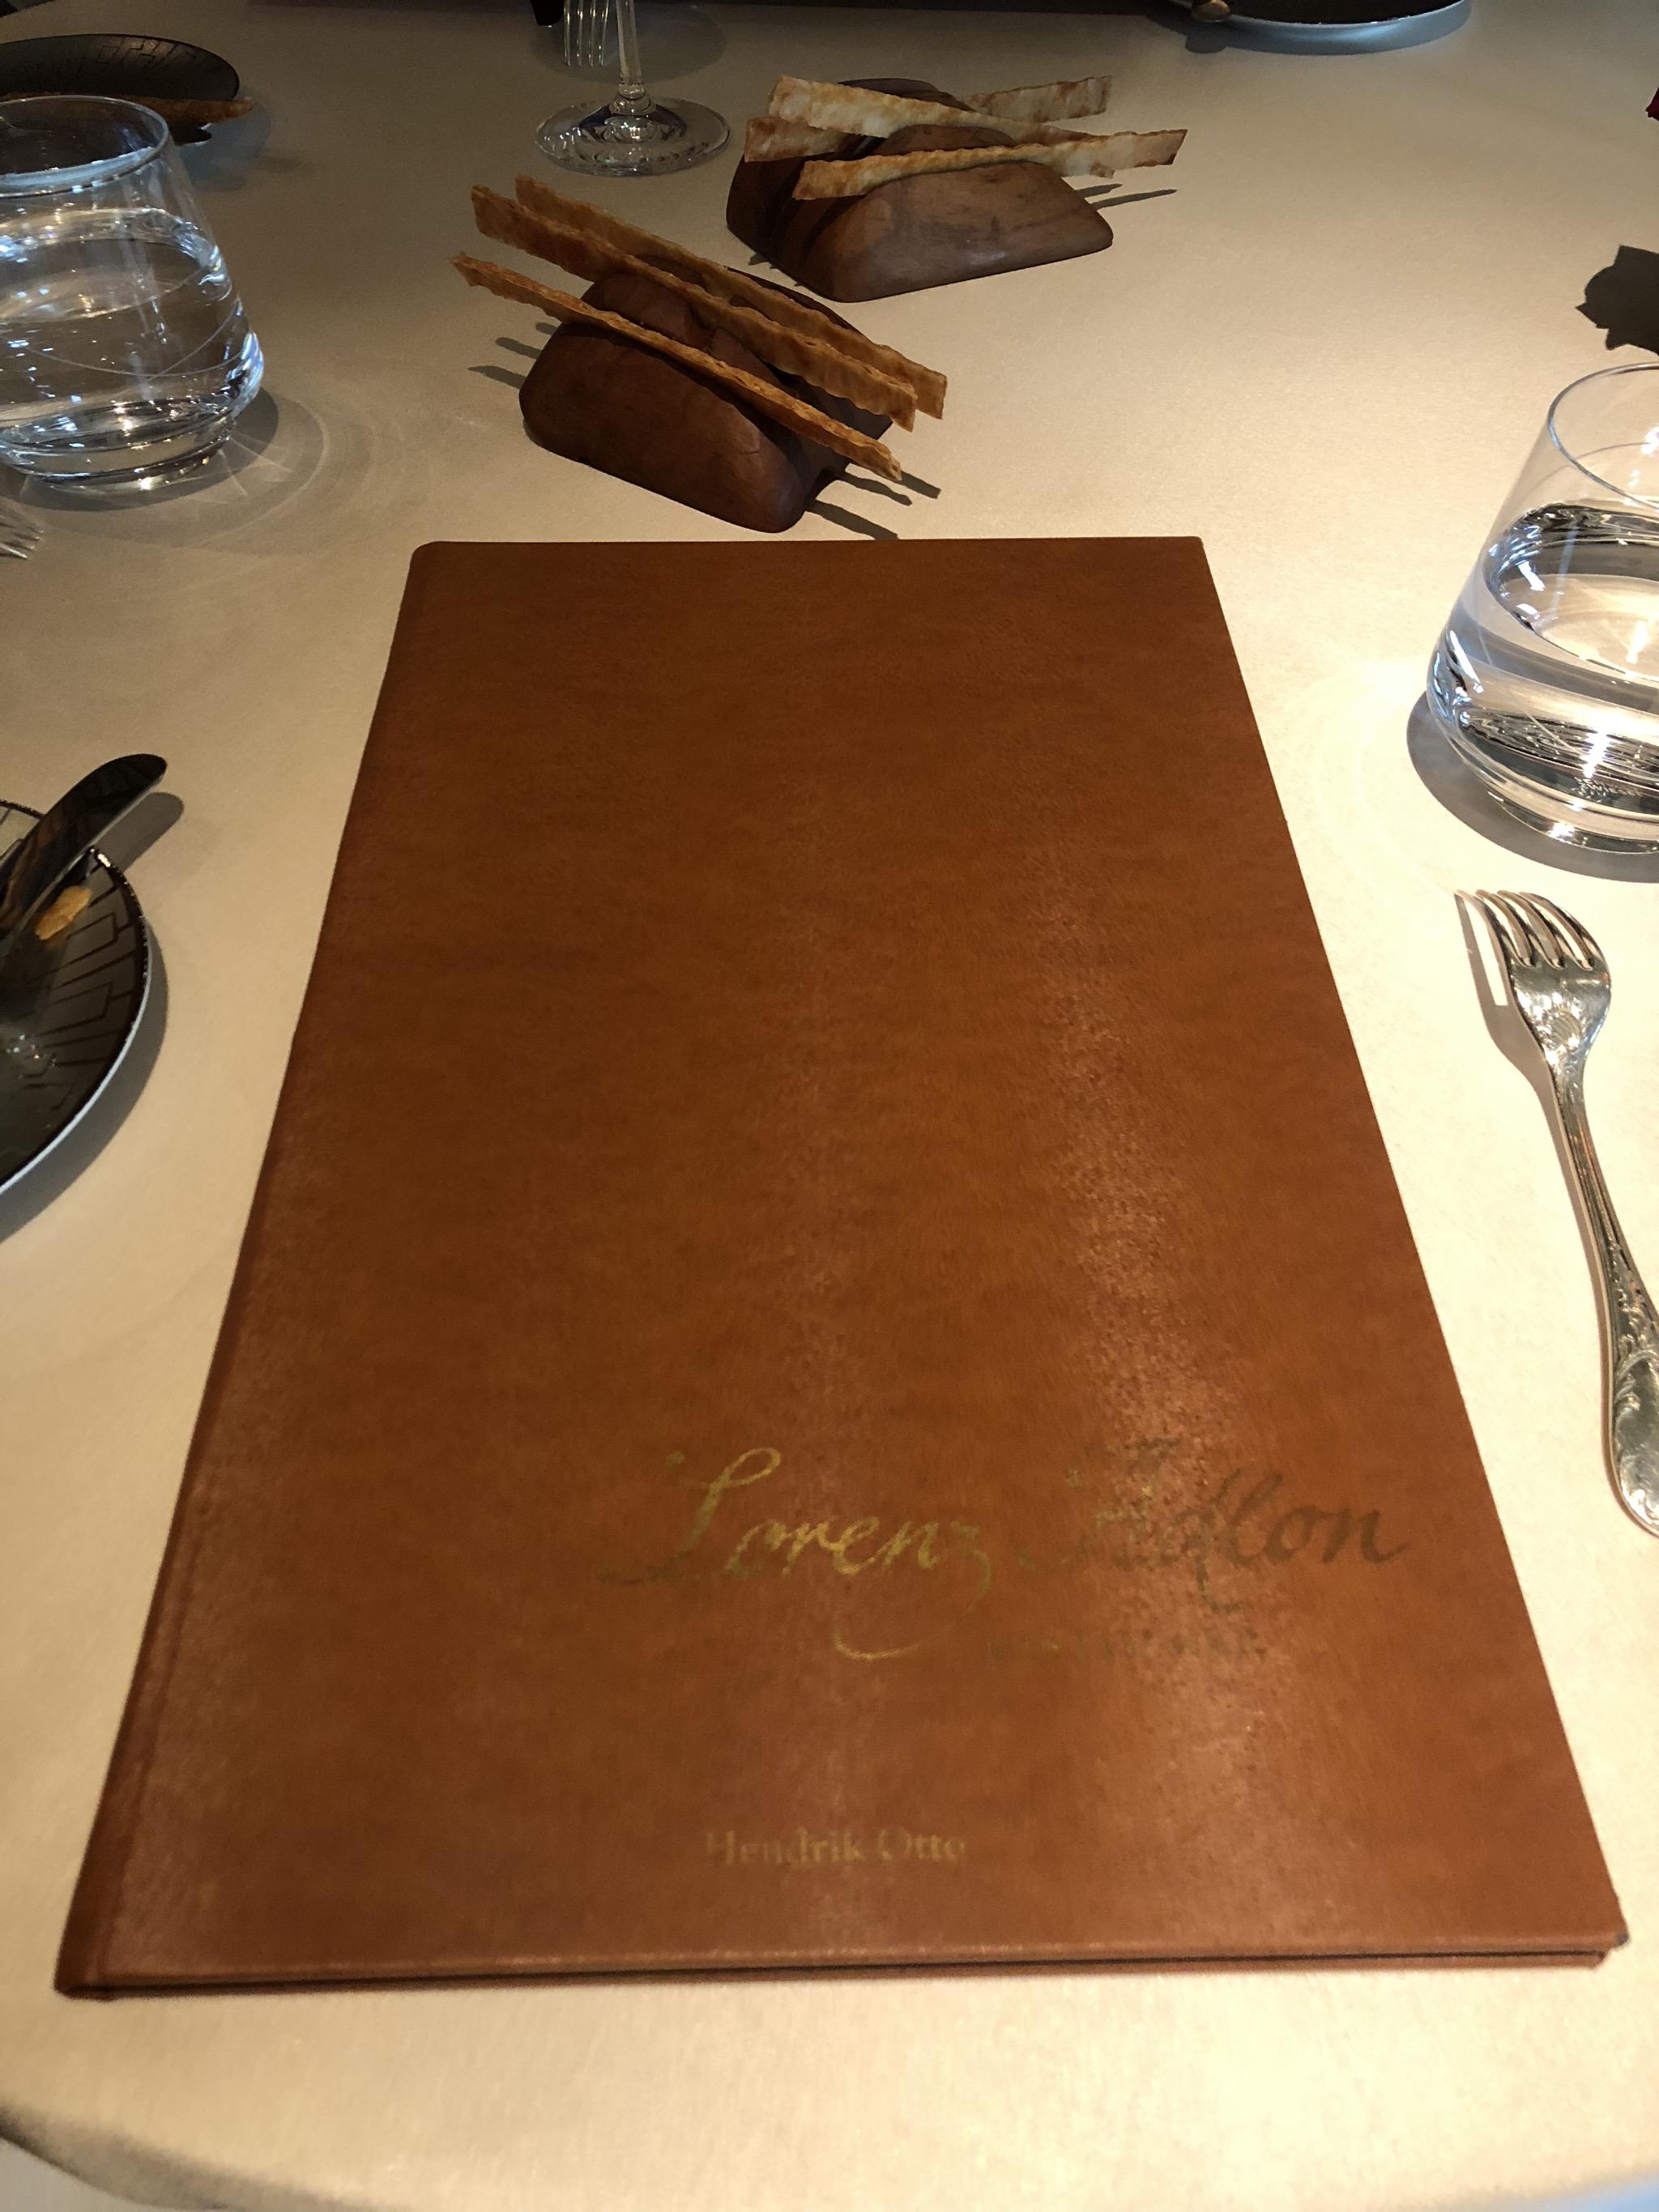 First, the wine menu